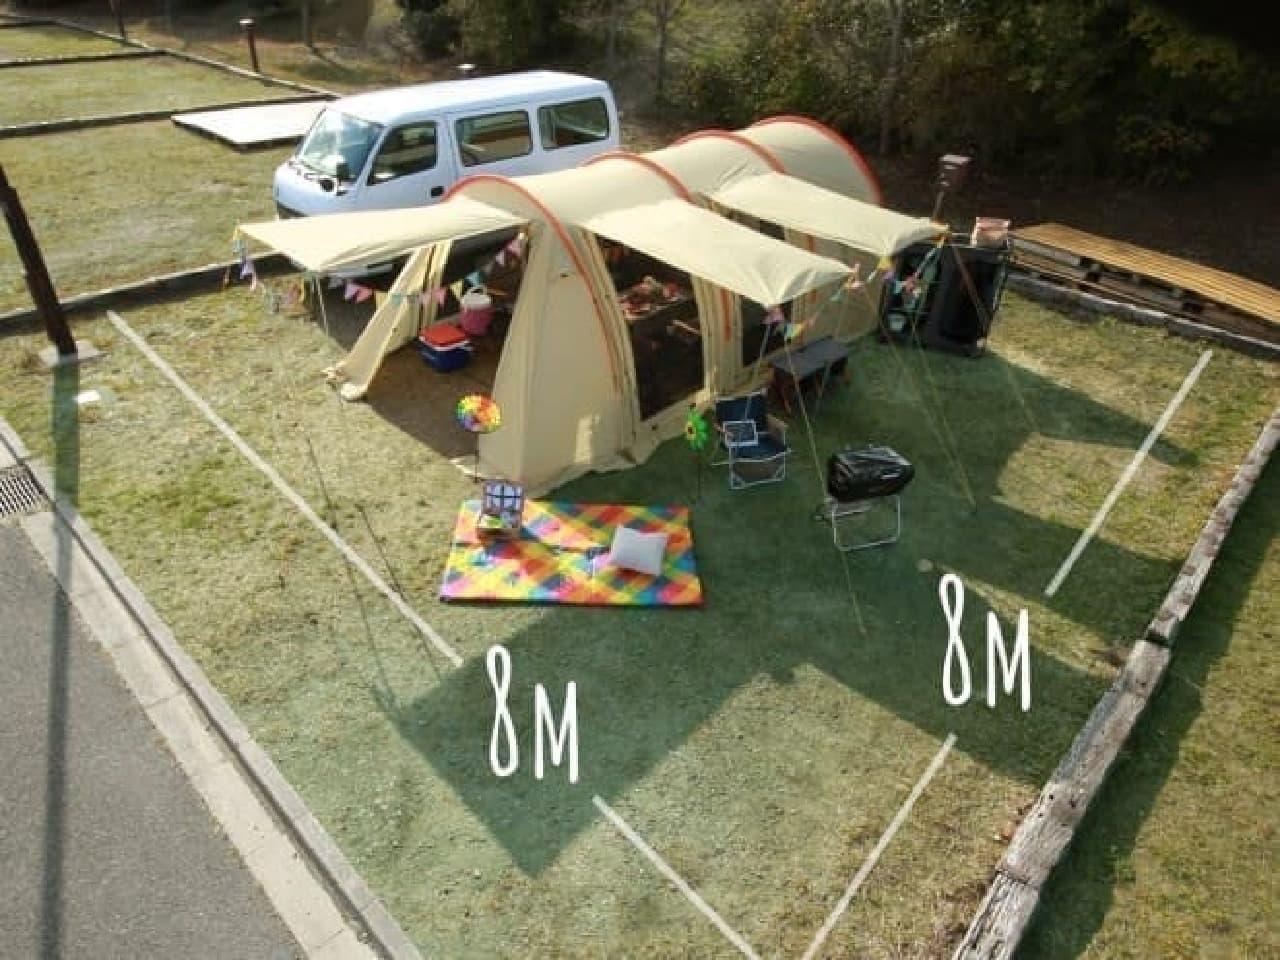 日本のキャンプ場に多い8~10メートル四方の区画にぴったり